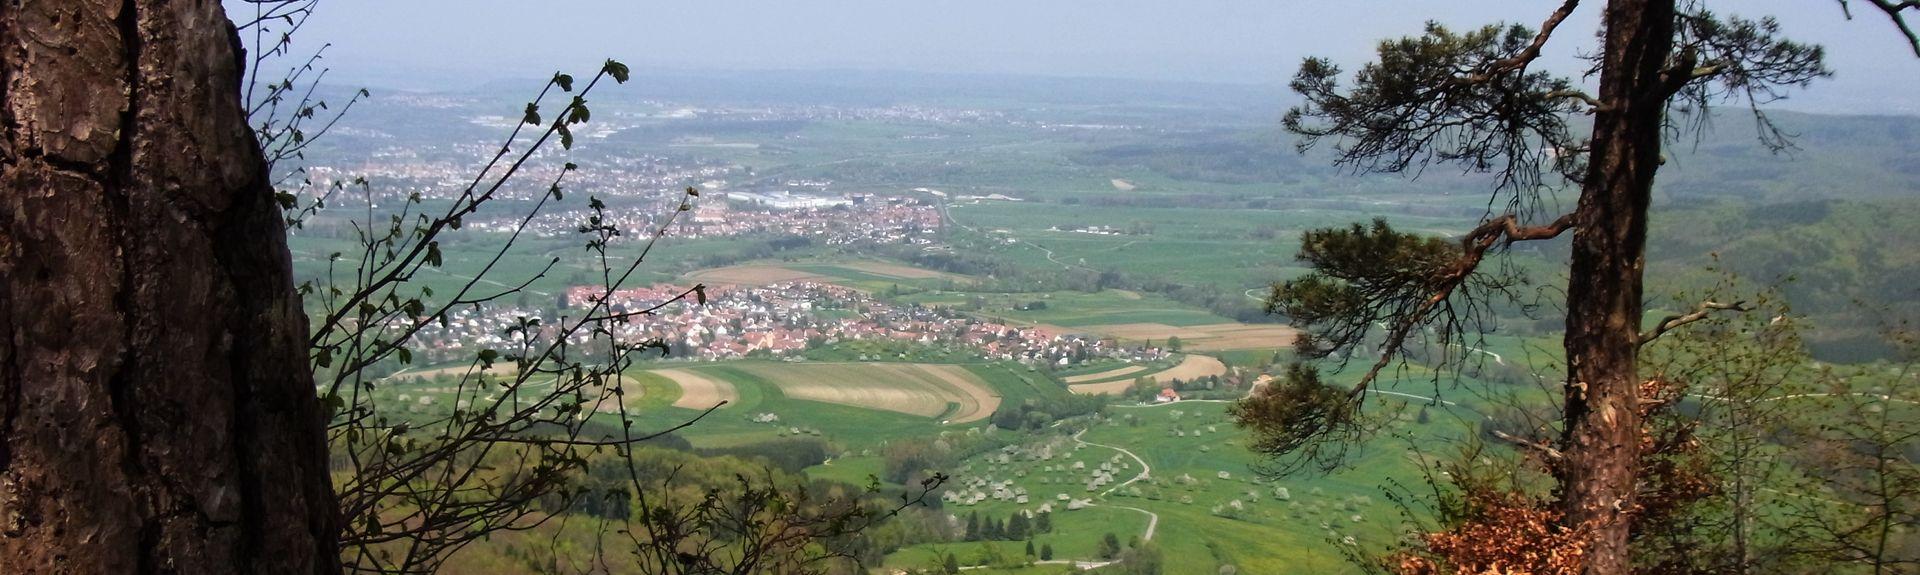 Mössingen, Baden-Württemberg, Deutschland